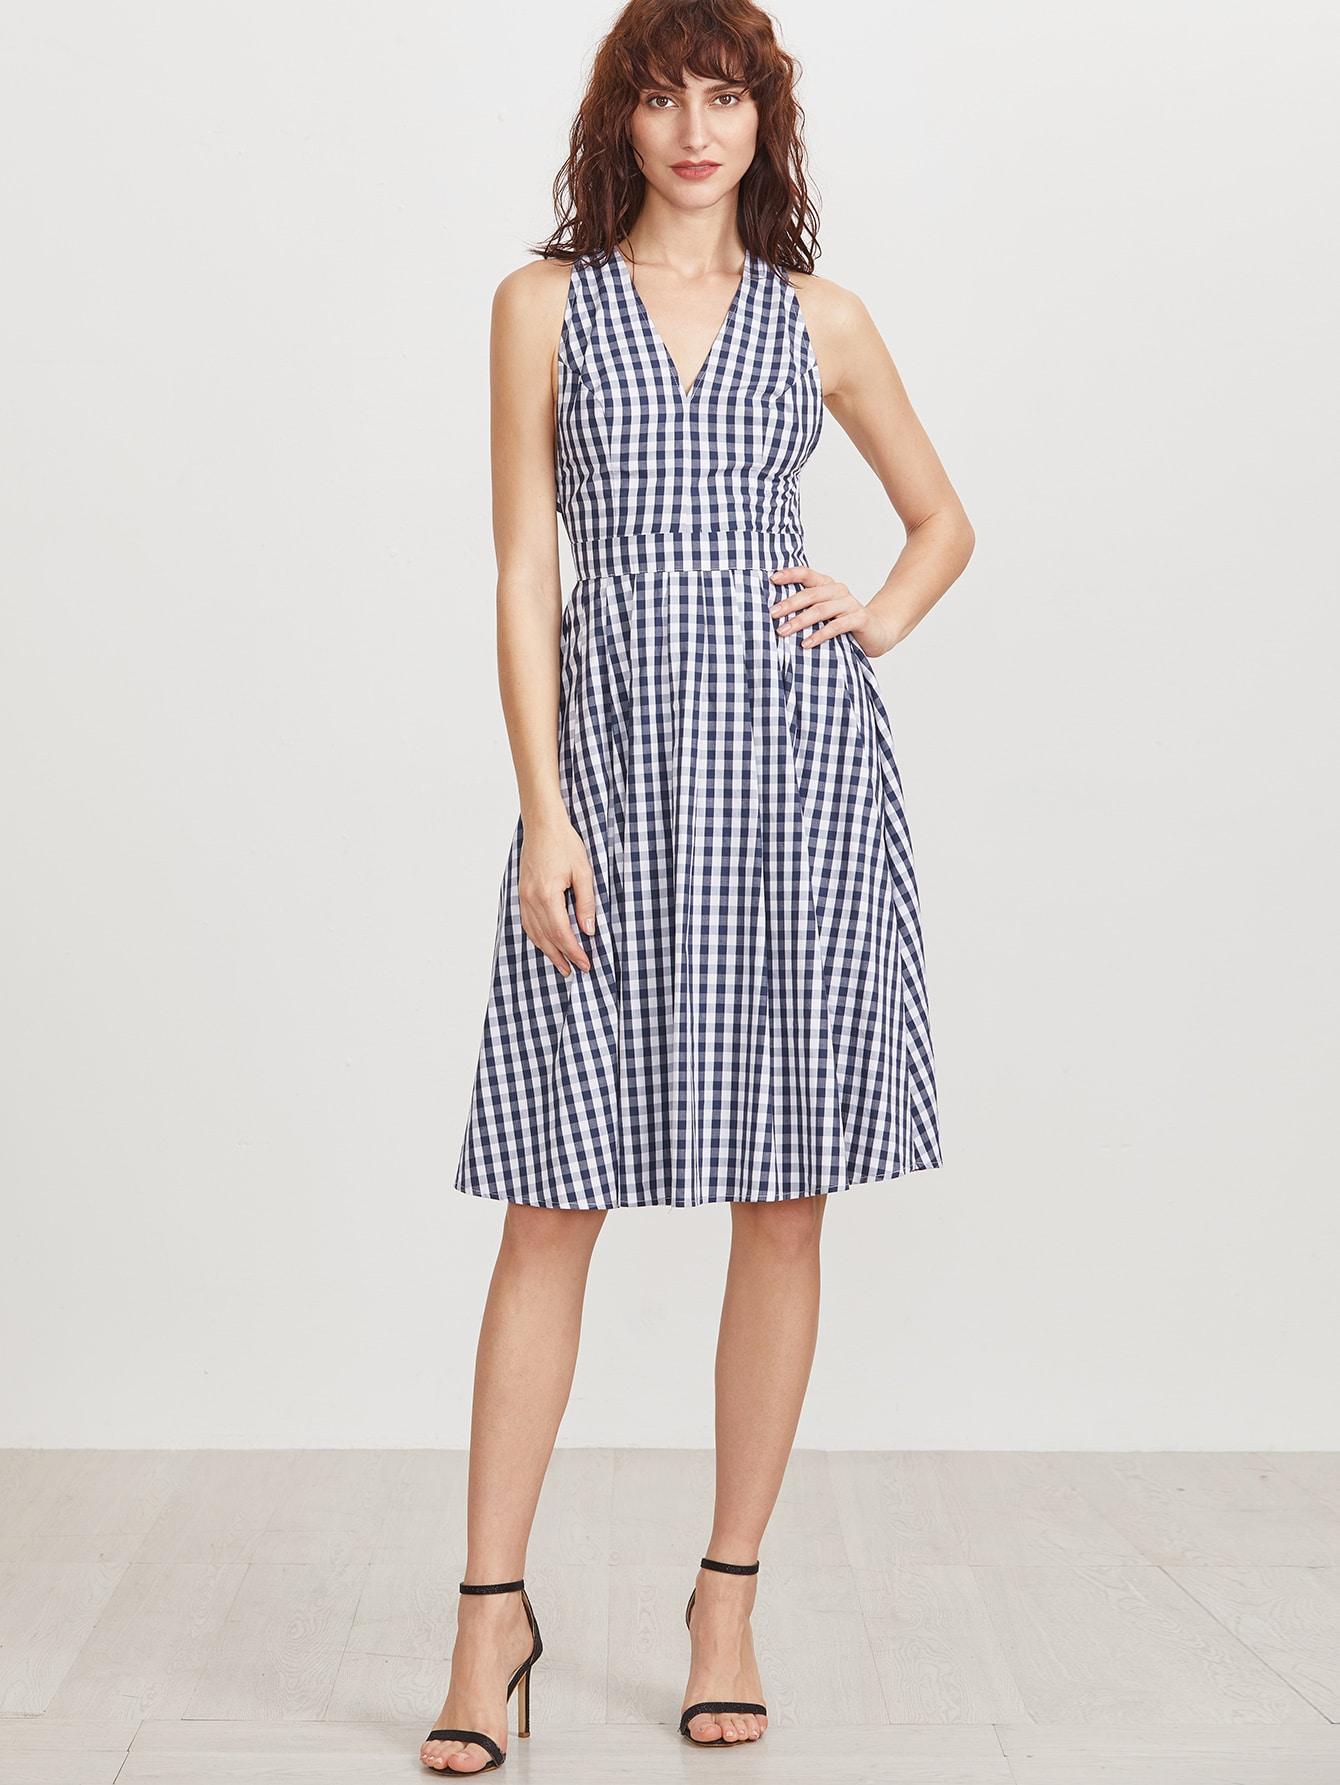 dress161228710_2